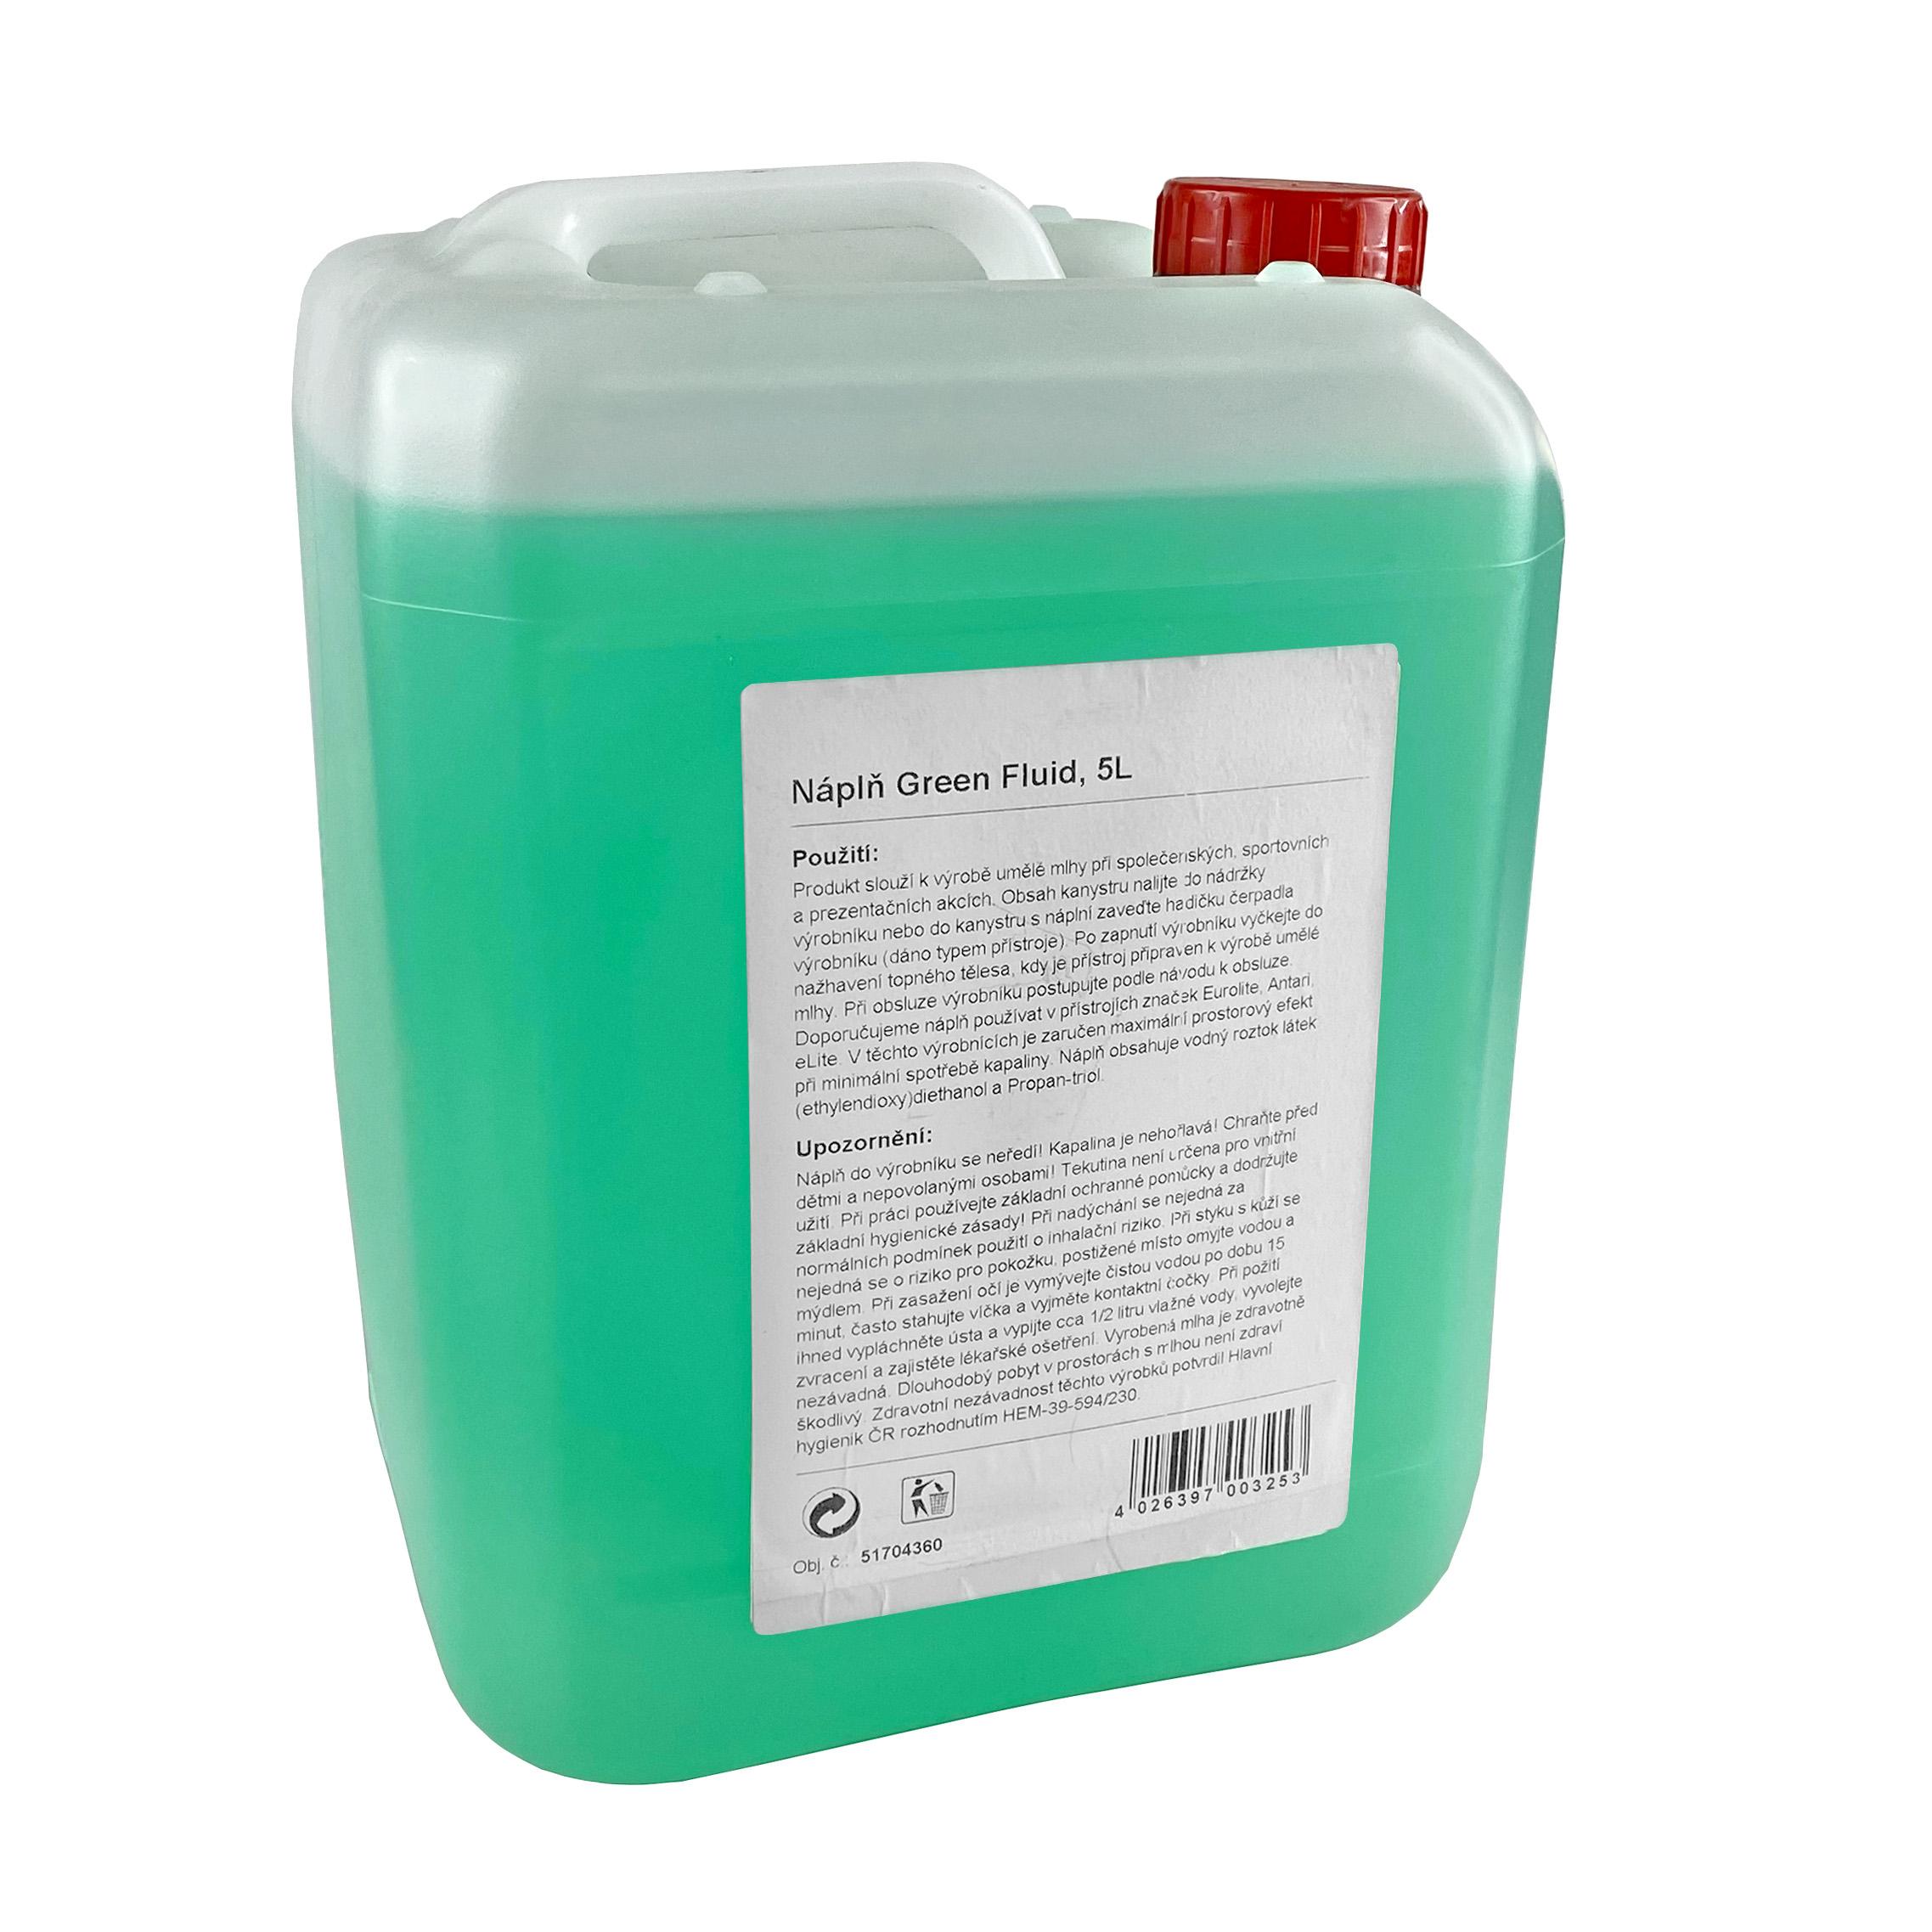 Náplň Green Fluid, 5L